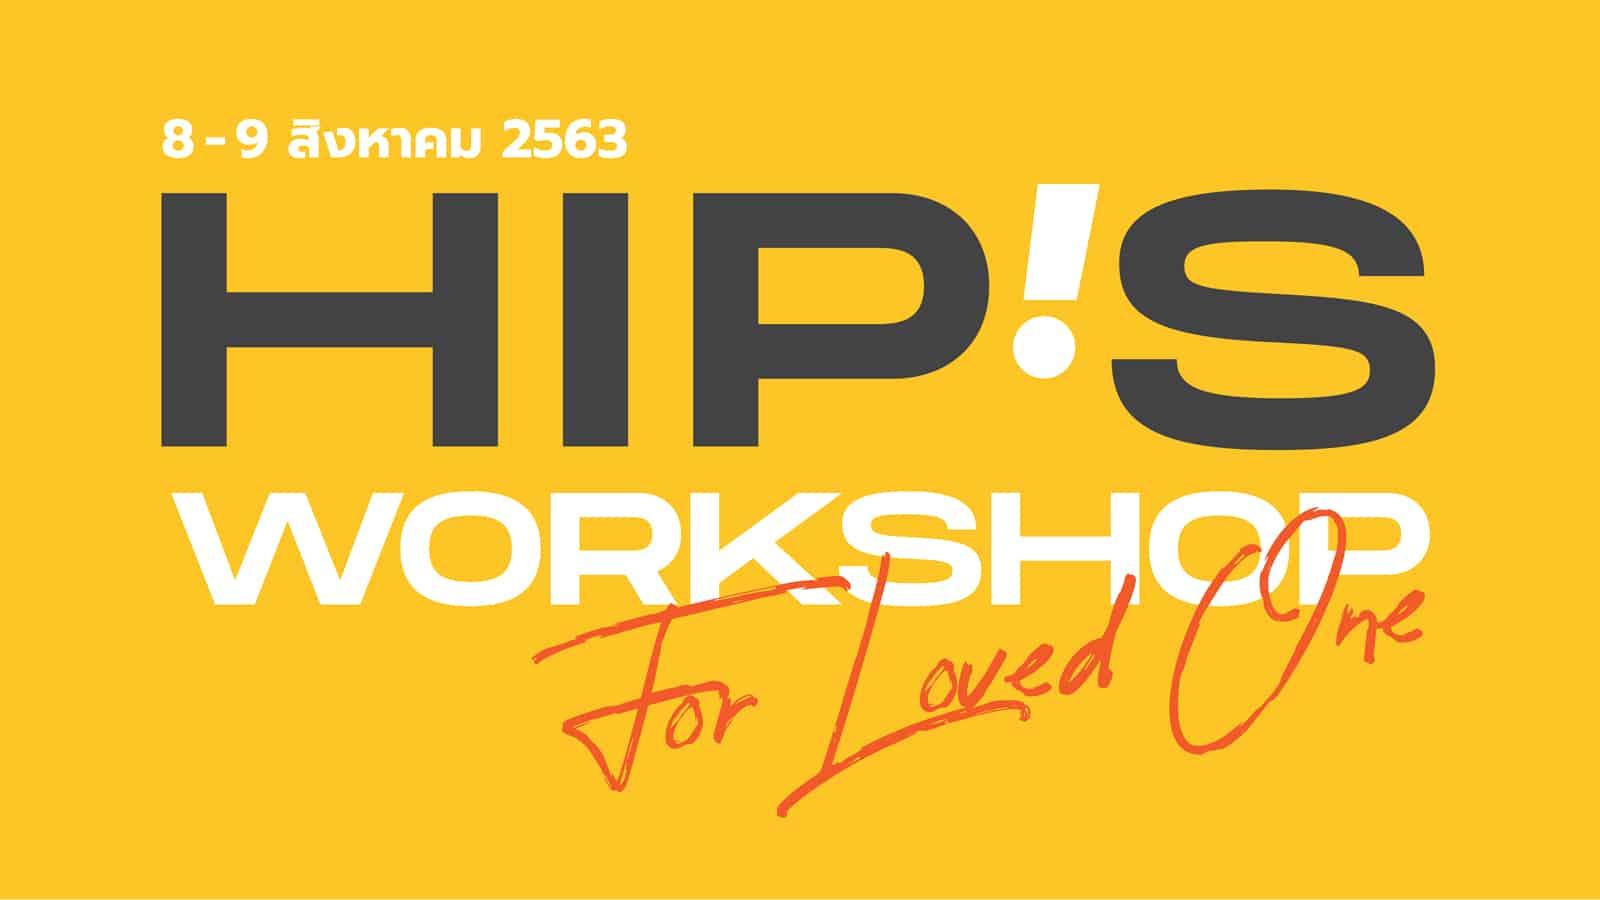 Workshop วันแม่ 2020